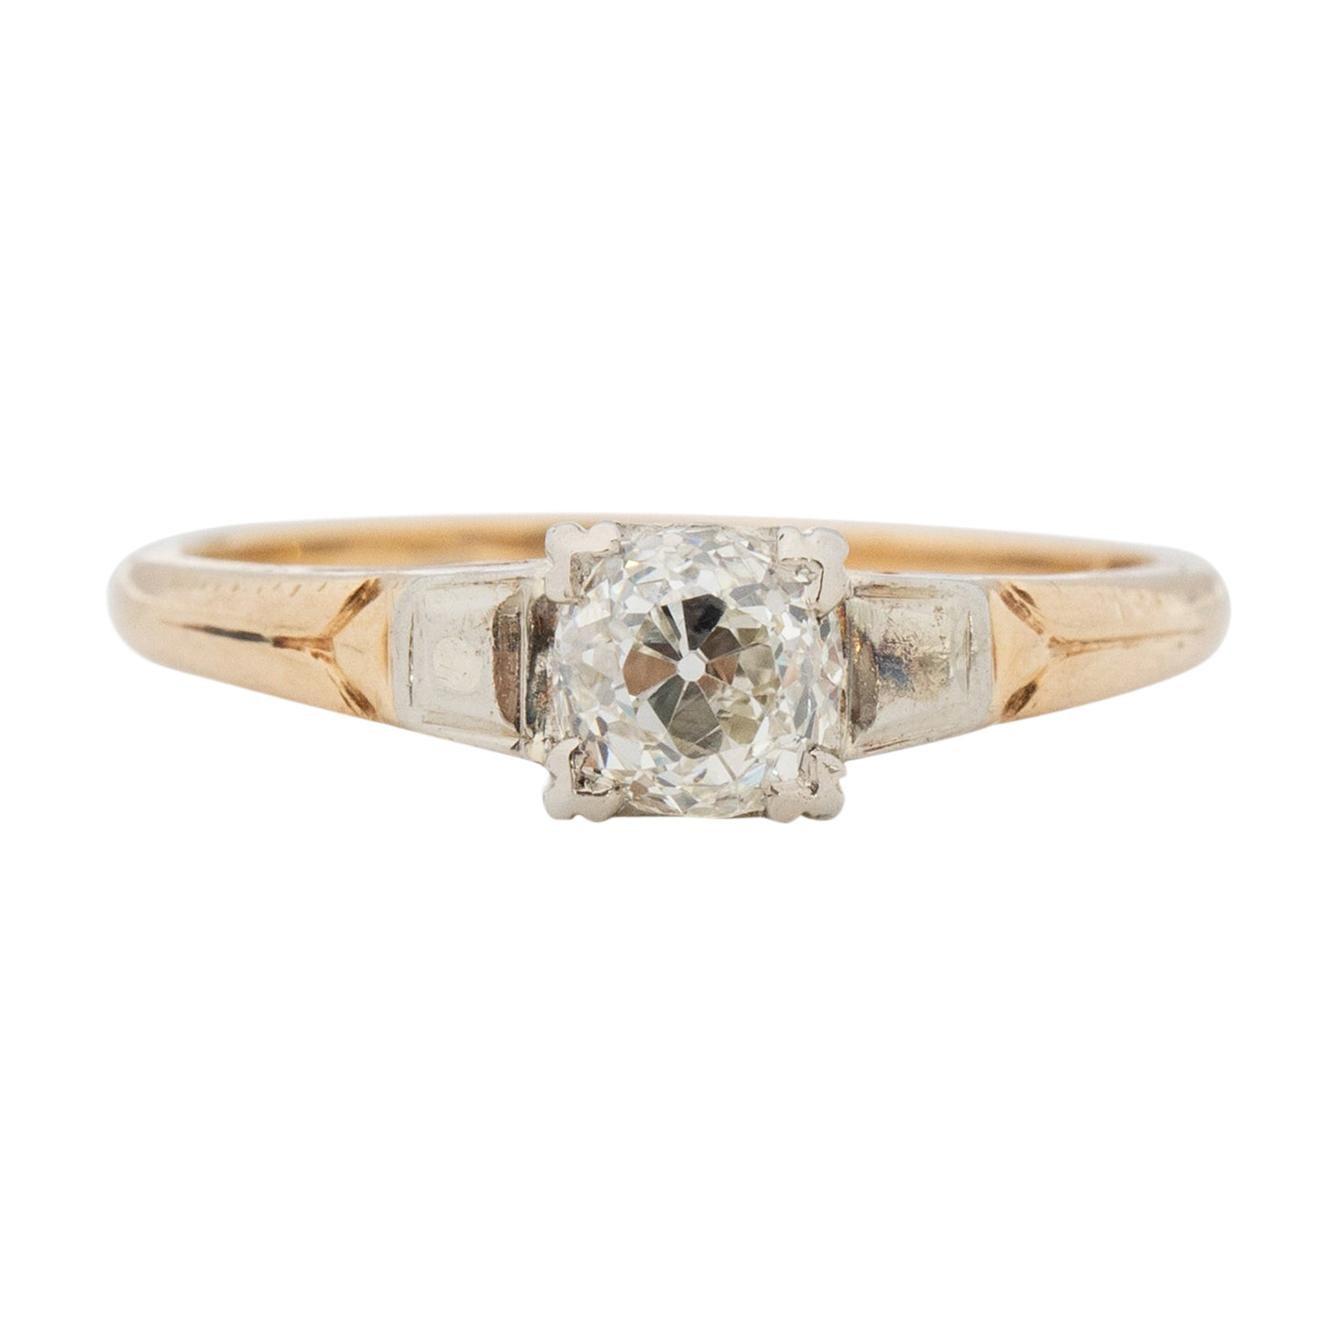 GIA Certified .80 Carat Edwardian Diamond 14 Karat Yellow Gold Engagement Ring